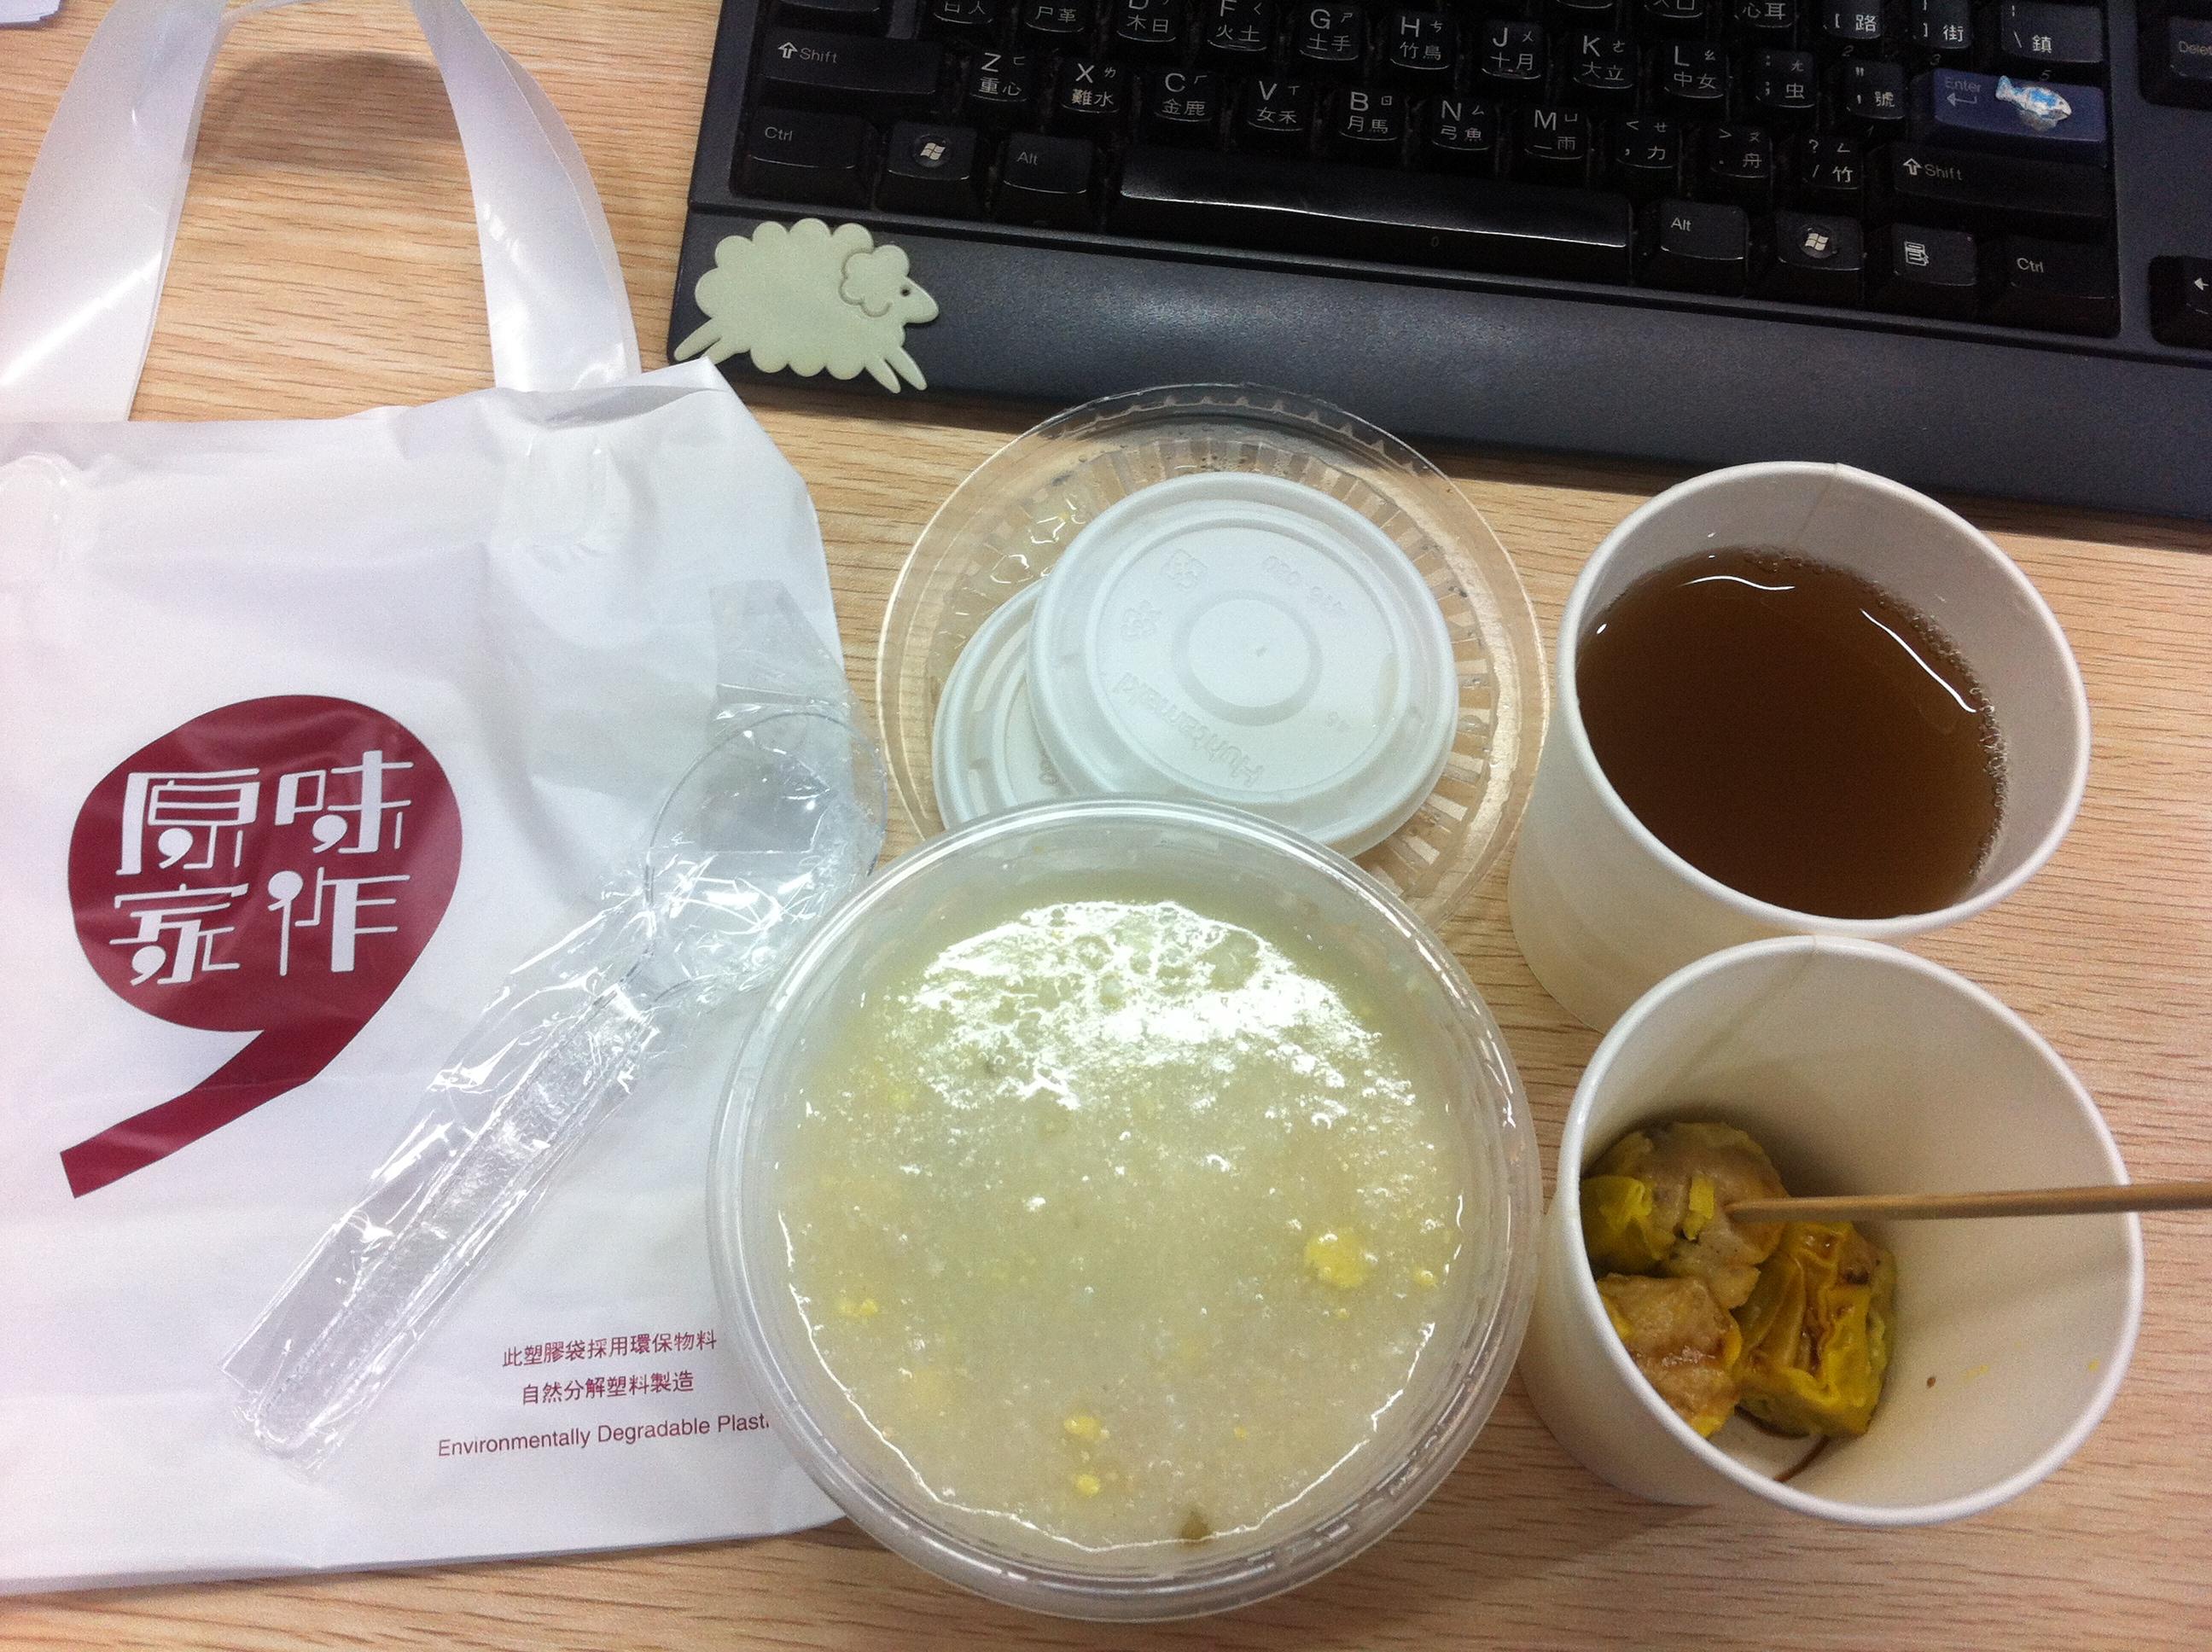 荔枝角 – 原味家作 (original taste workshop)   meh II